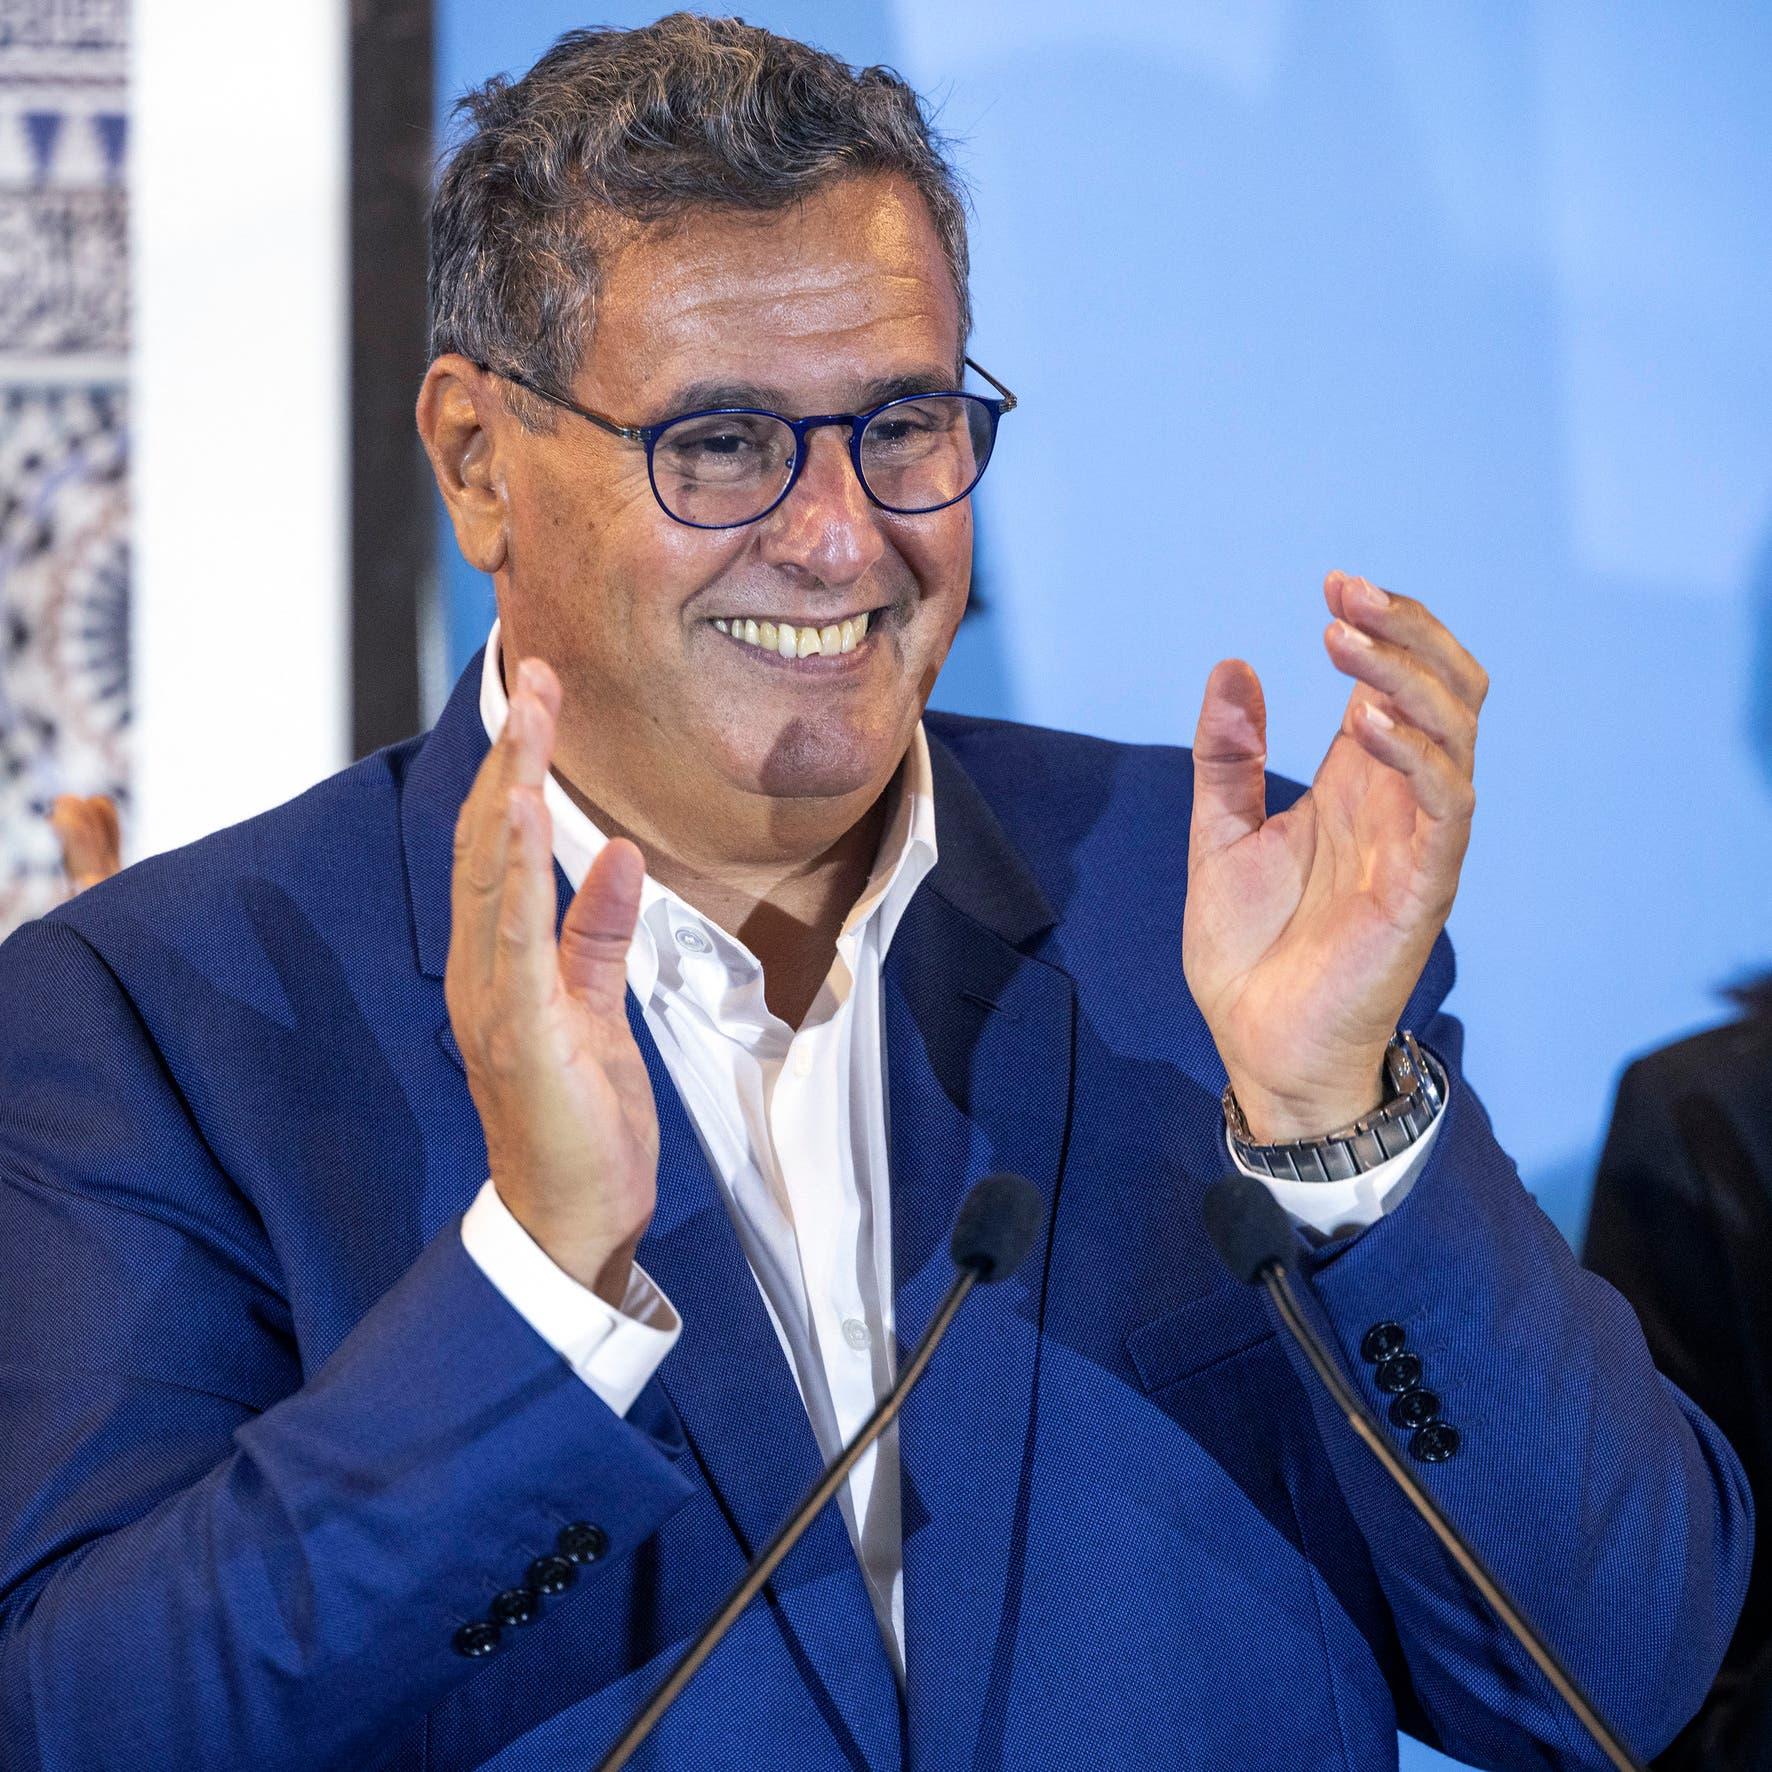 """المغرب.. """"الأحرار"""" يلحق هزيمة أخرى """"بالإخوان"""" وينتزع عمدة أغادير"""